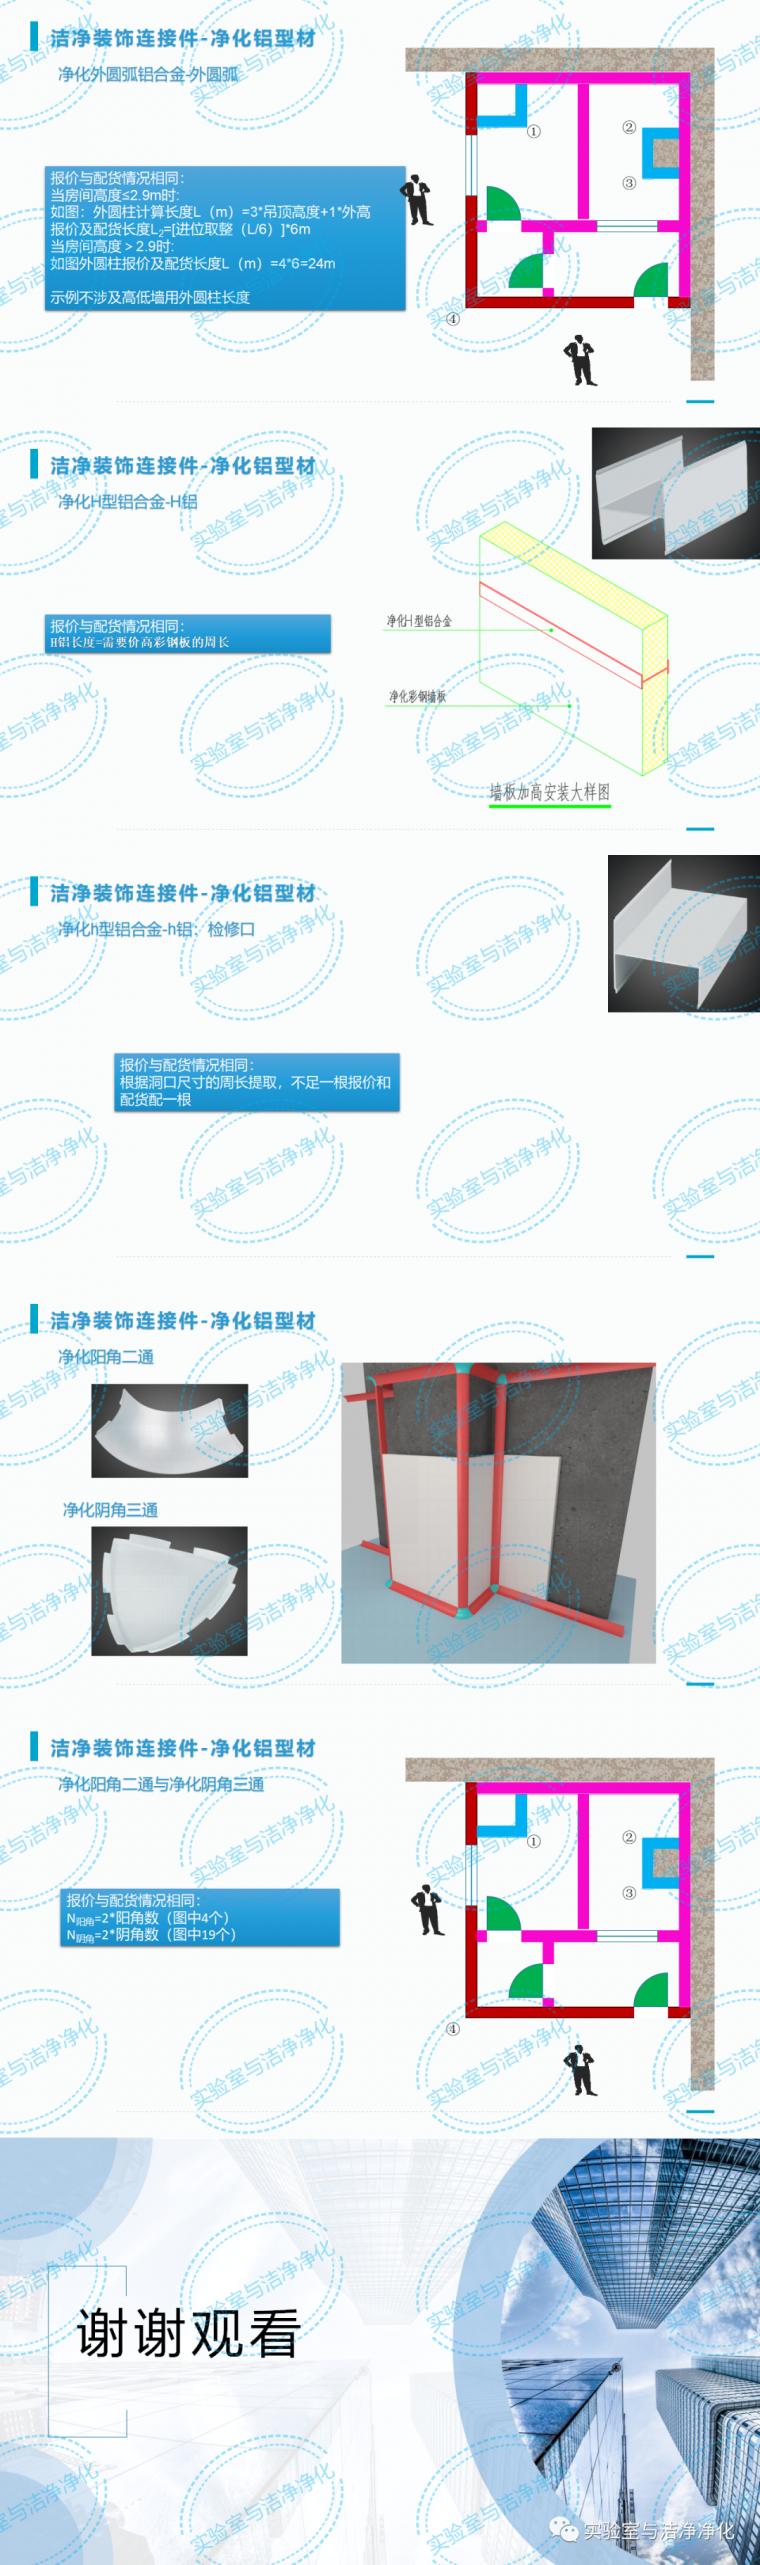 洁净装饰装修工程量计算方法_7